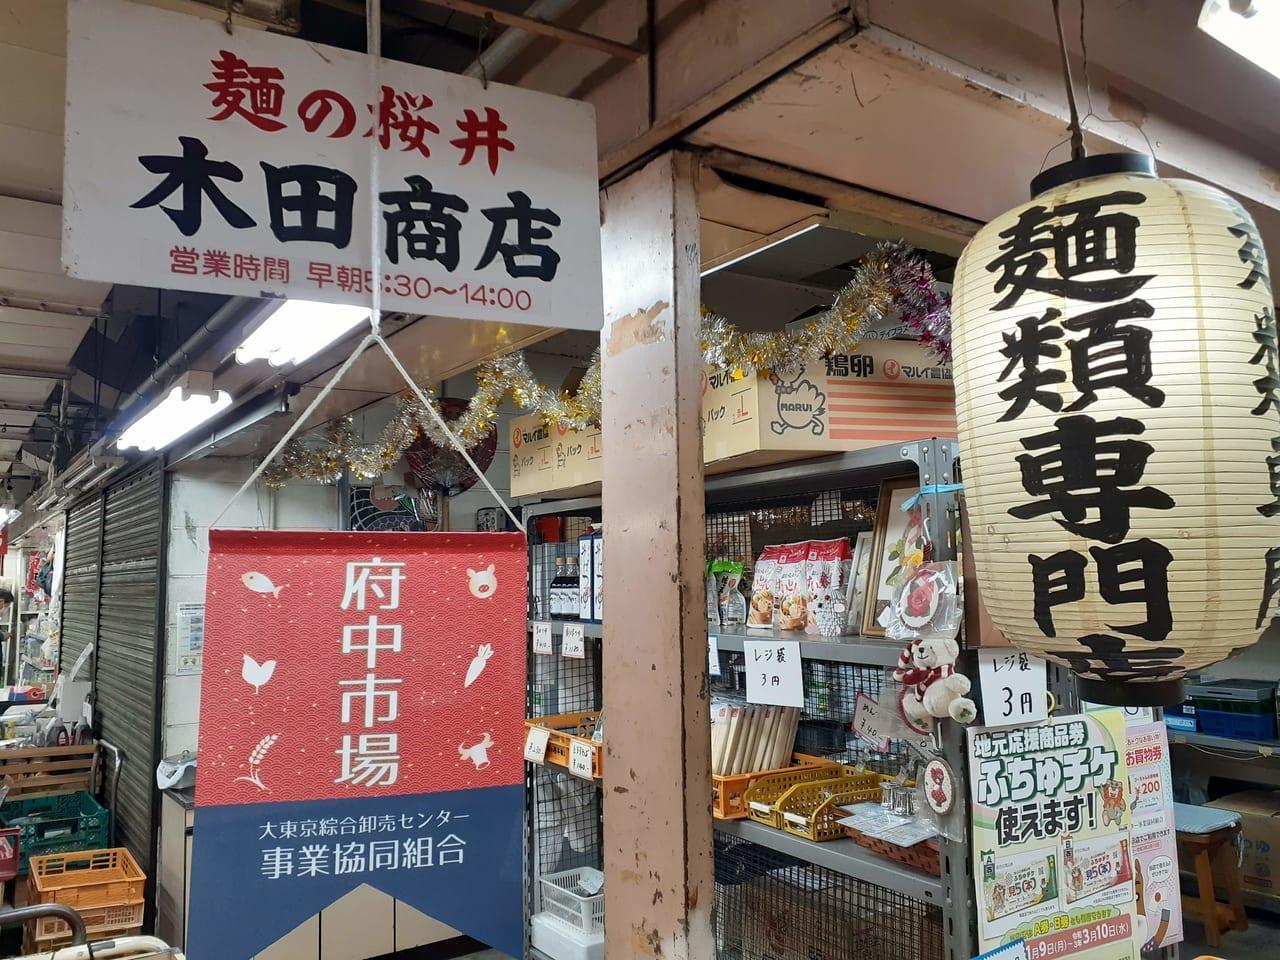 木田商店さんです。